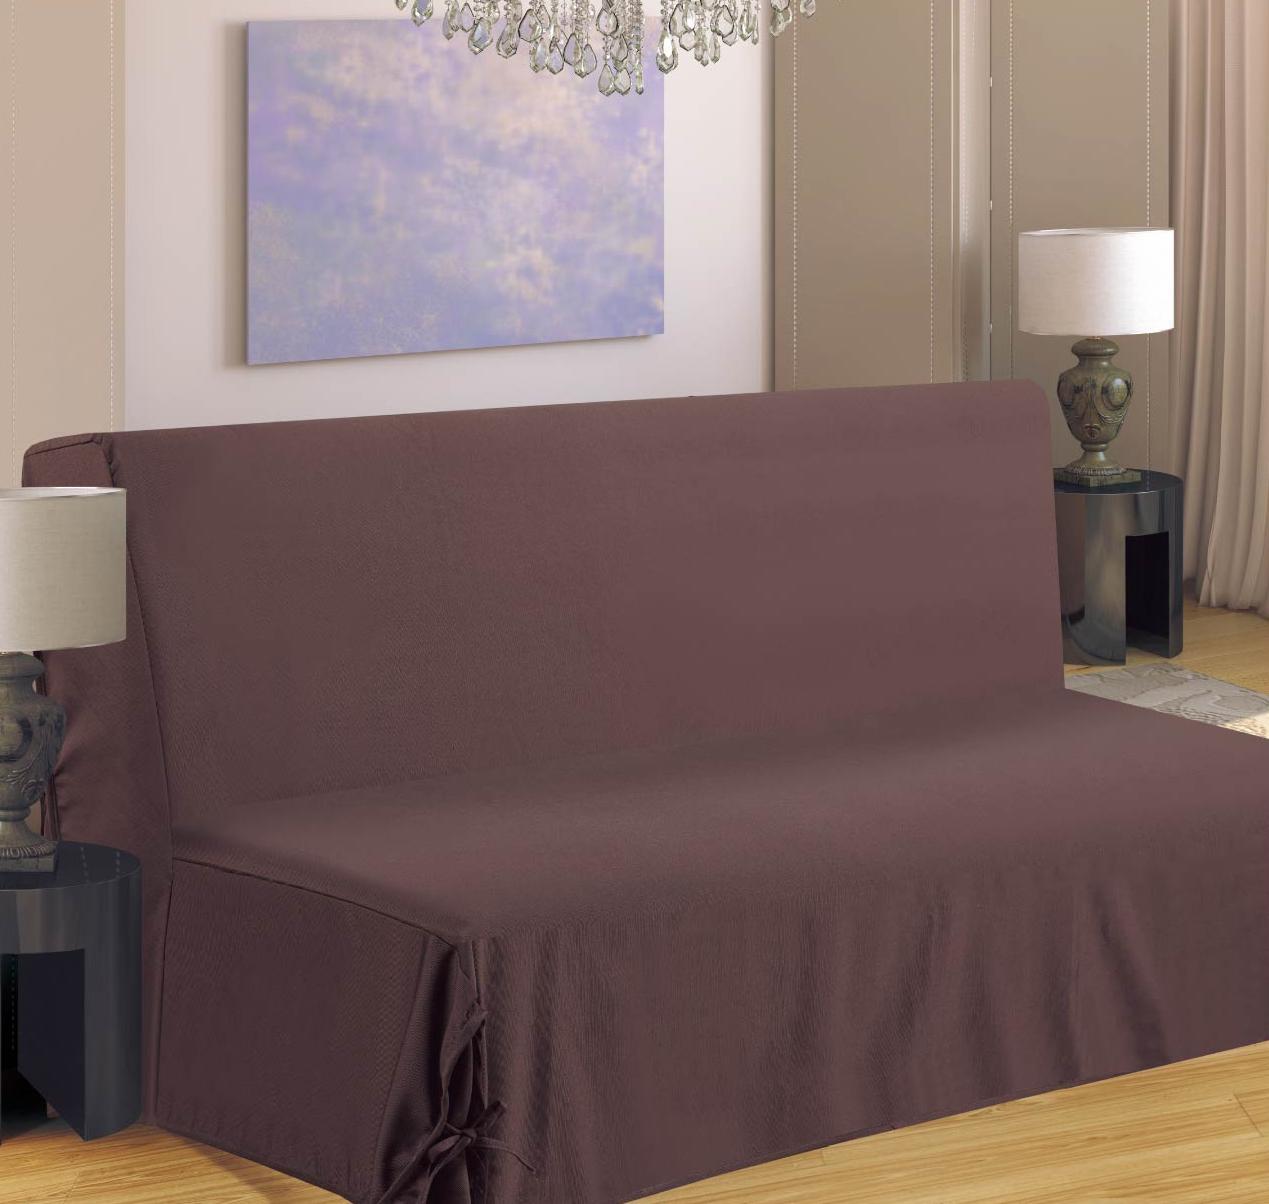 Housse de canapé pour BZ - Taupe - 140 x 190 cm